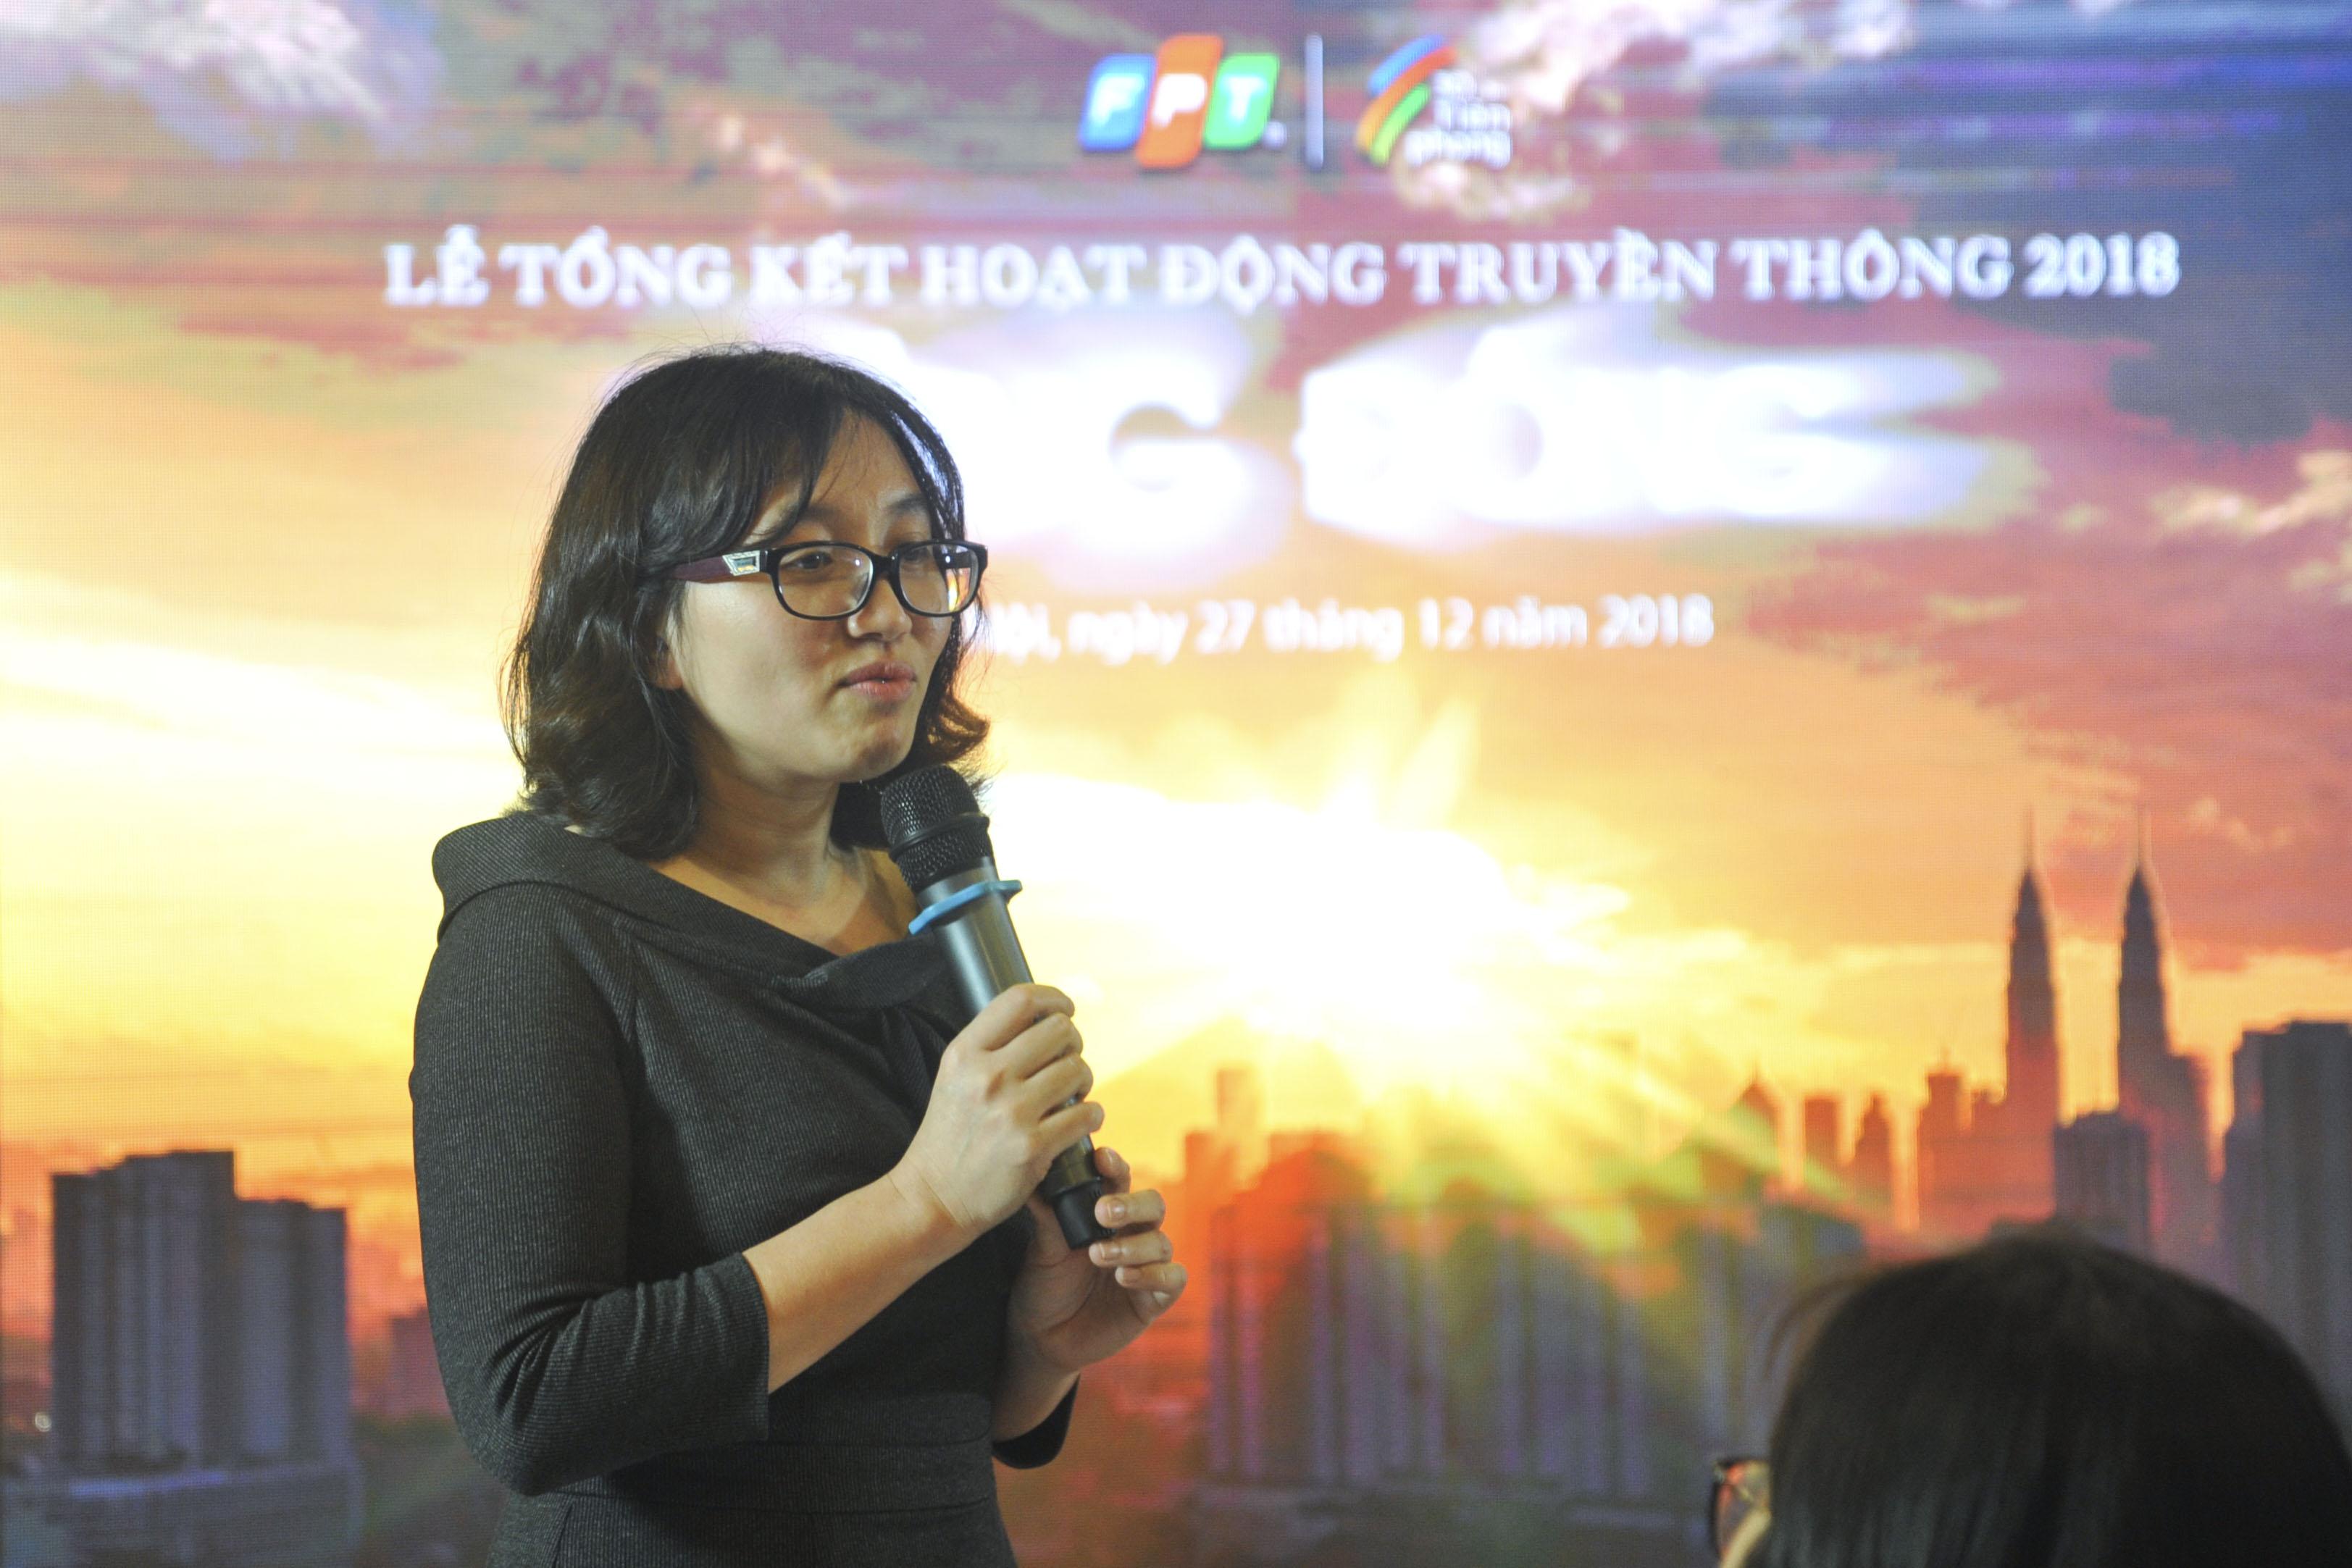 """Lấy chủ đề """"Hừng Đông"""", chị Bùi Nguyễn Phương Châu - Trưởng Ban Truyền thông FPT cho biết năm 2019 sẽ là một năm bình mình, là một tín hiệu mới tốt đẹp cho truyền thông nói riêng và tập đoàn nói chung."""